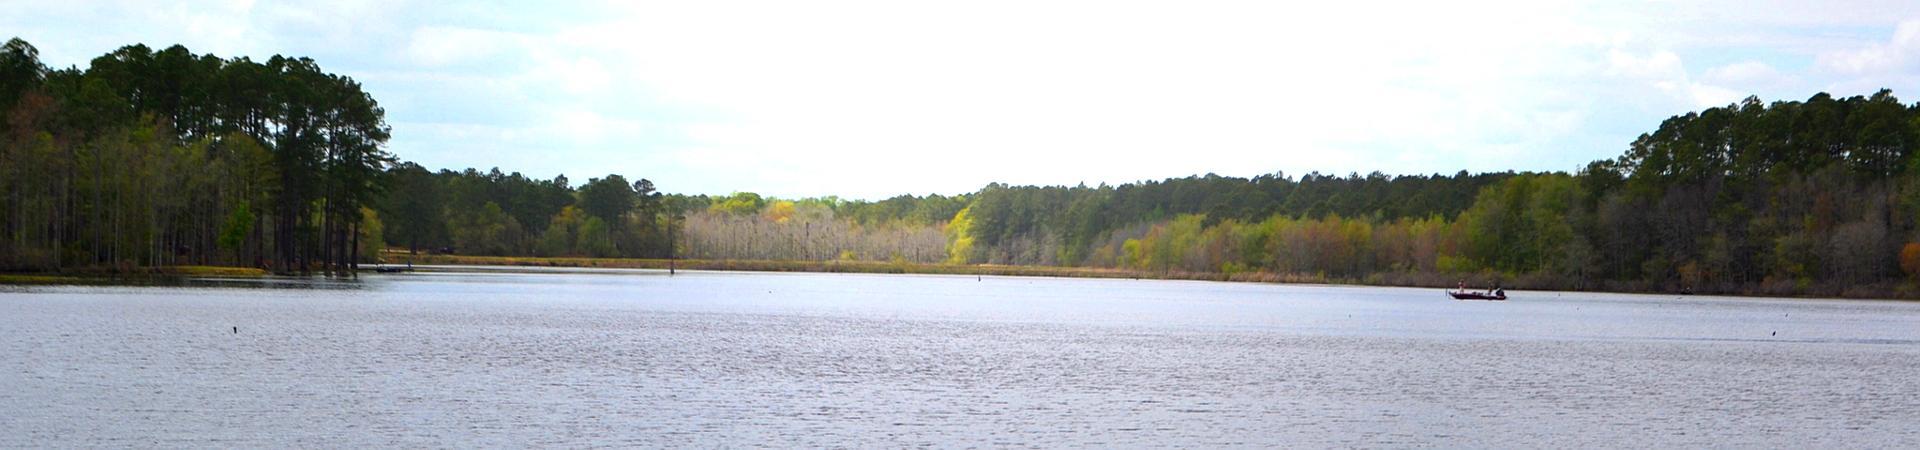 lake at Evans County PFA